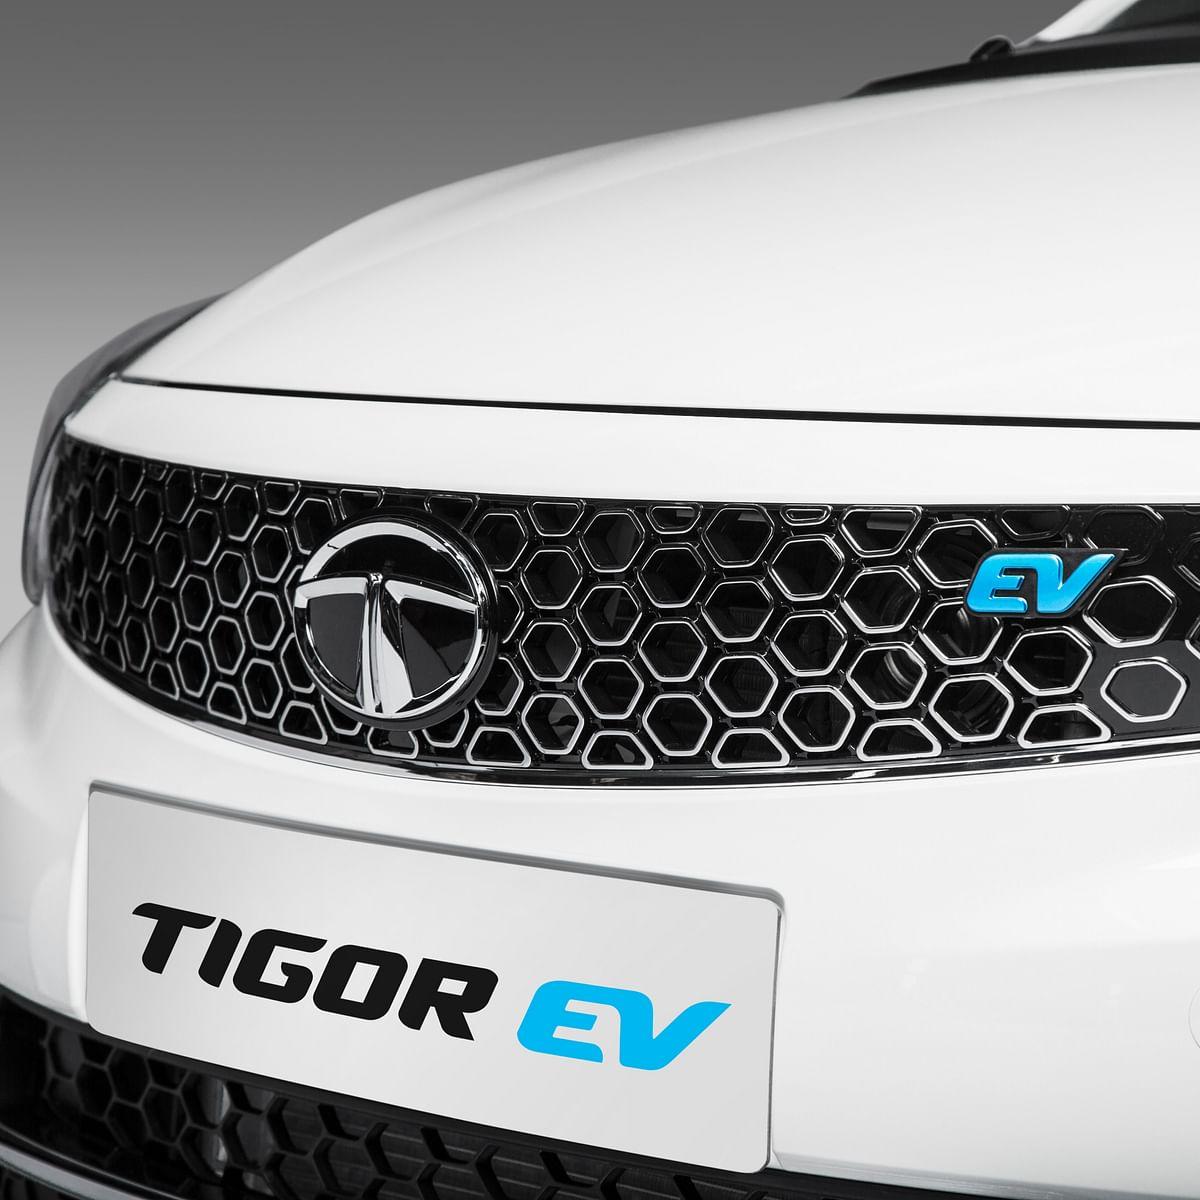 Tata Motors launches the extended range Tigor EV